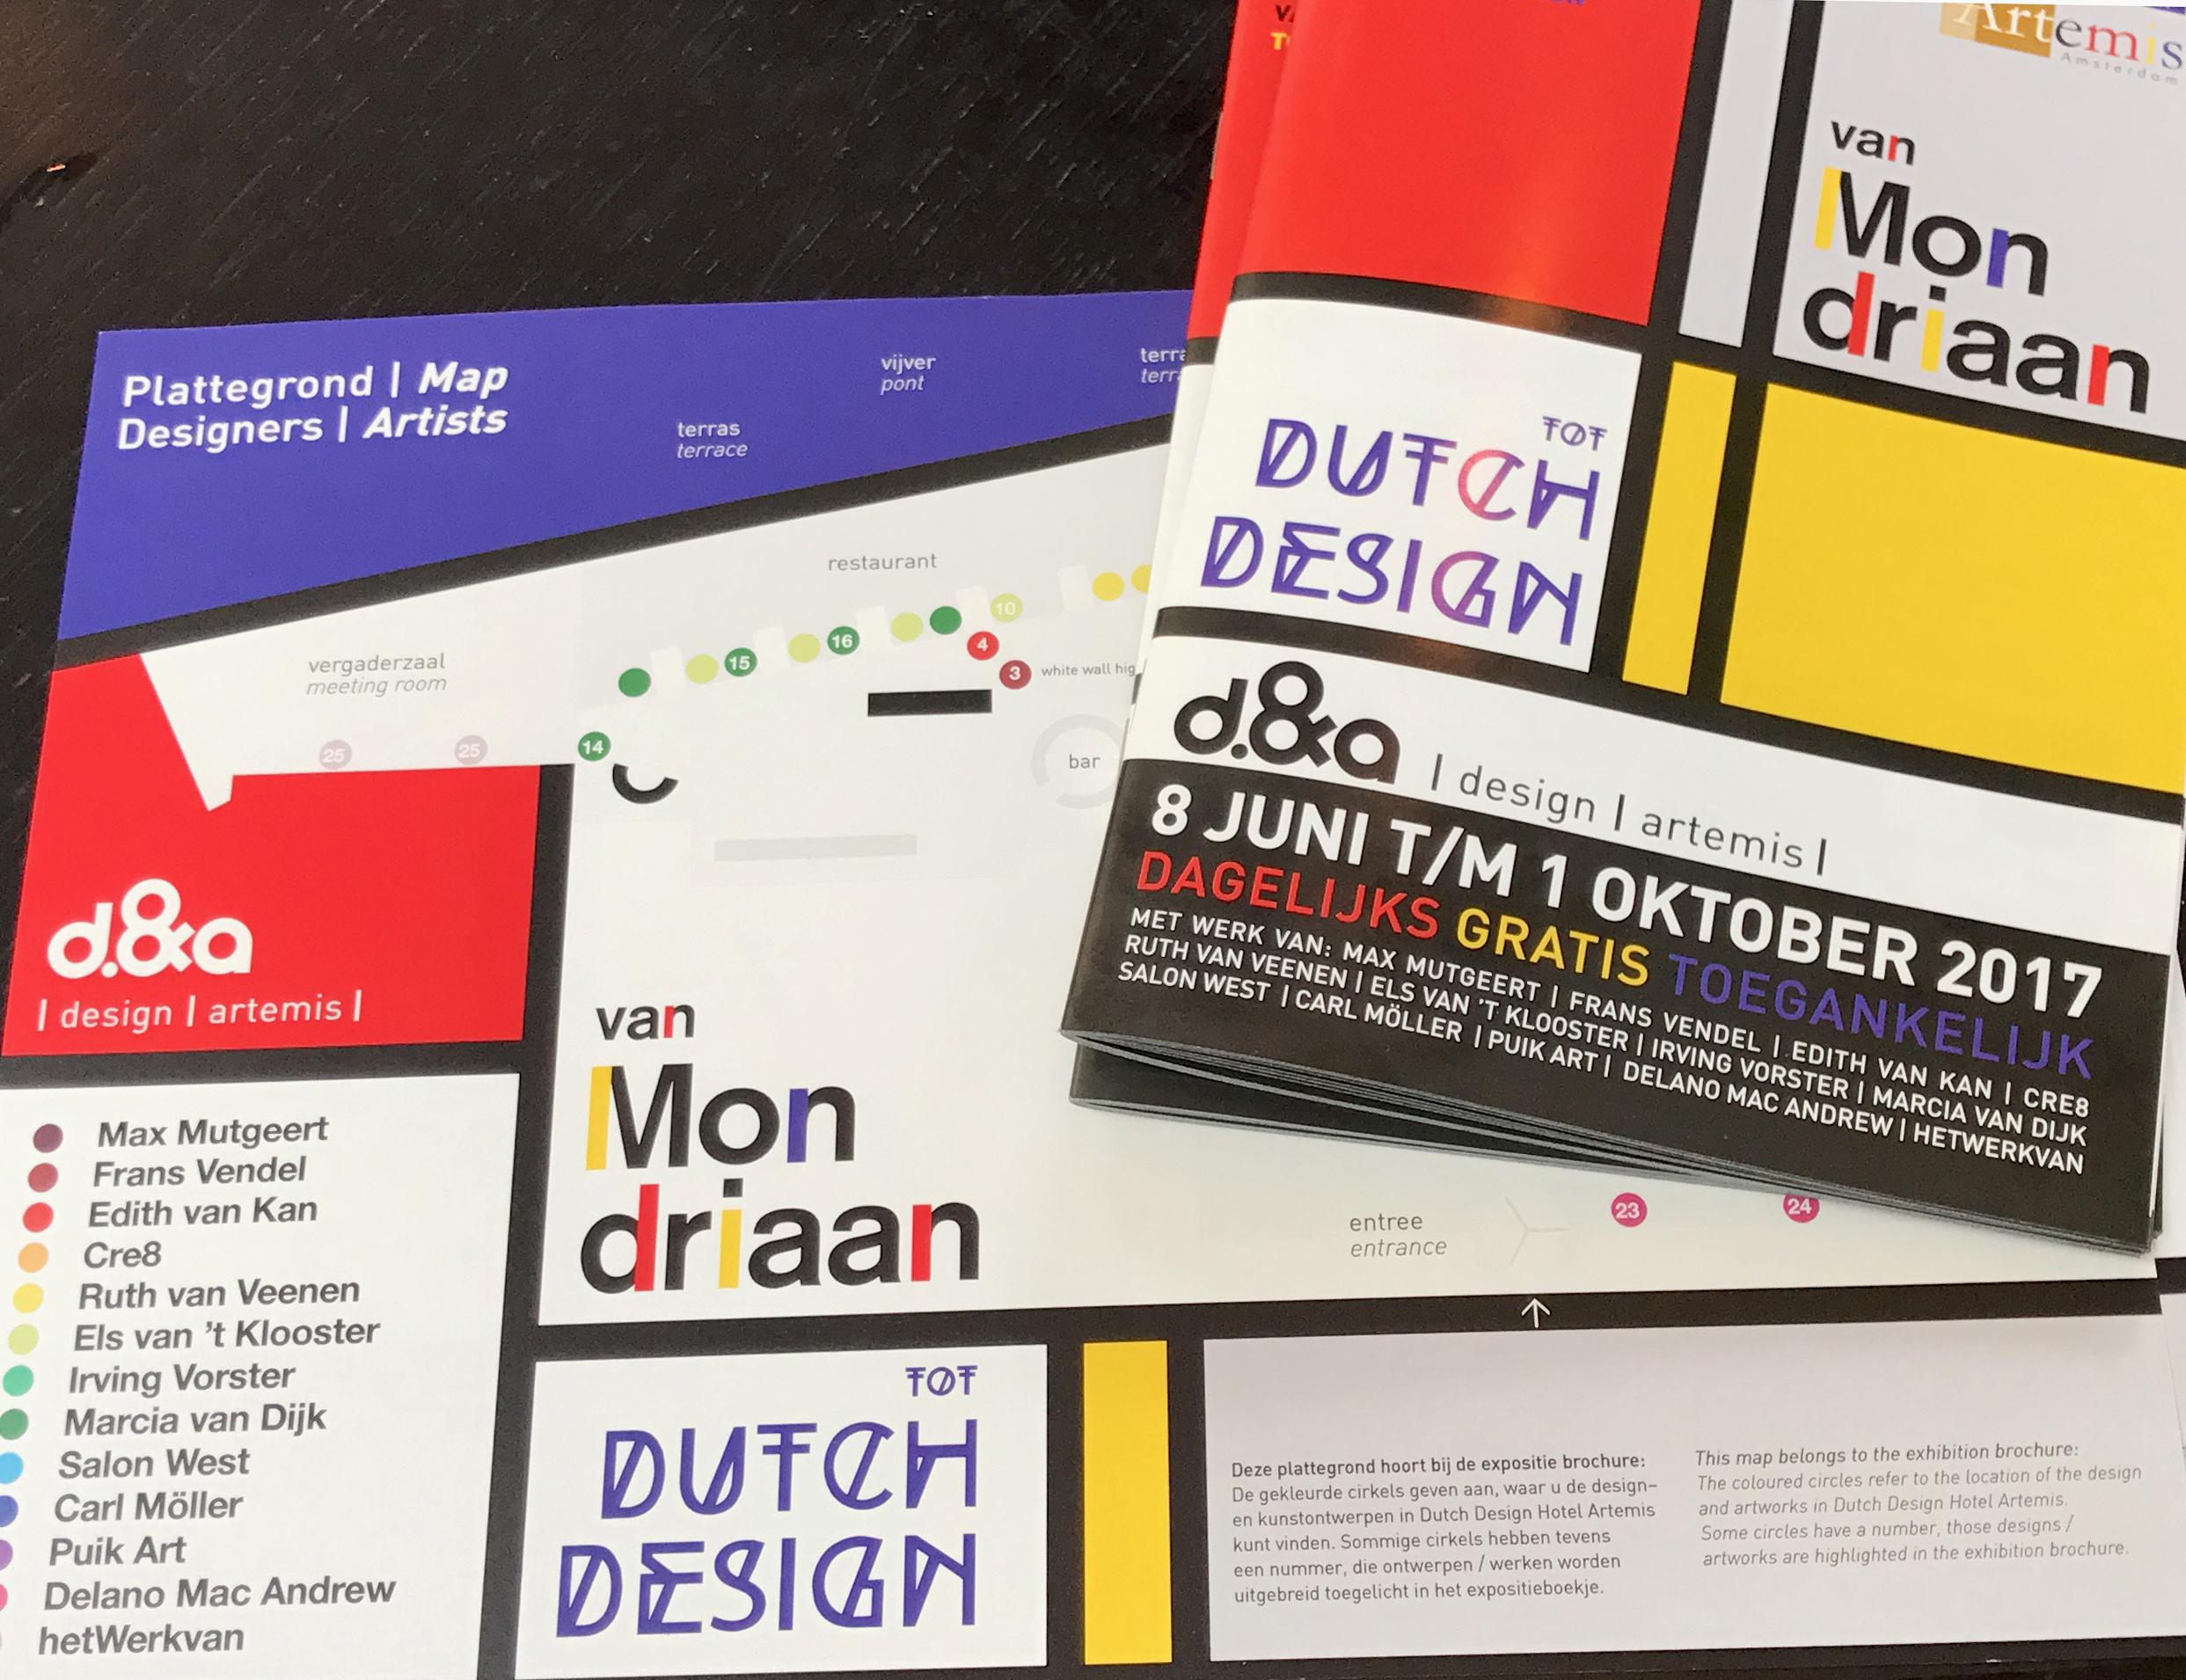 'Van Mondriaan tot Dutch Design' Expo, Dutch Design Hotel: Concept & design